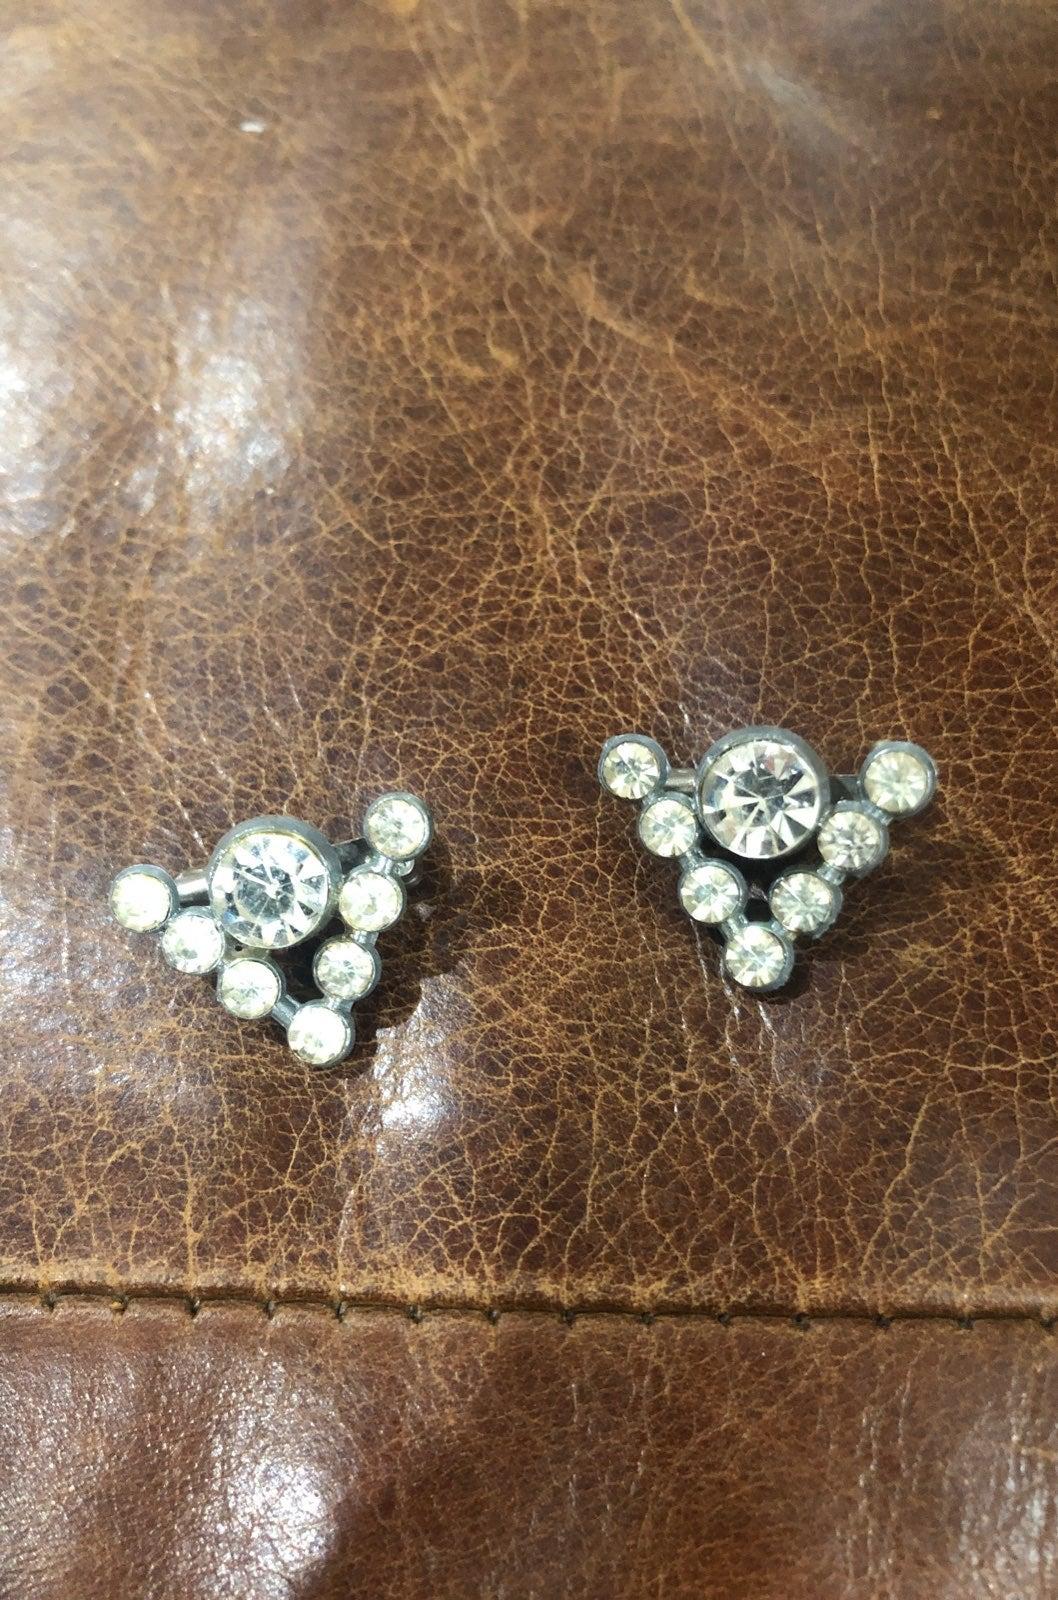 Vintage collar pin / brooch